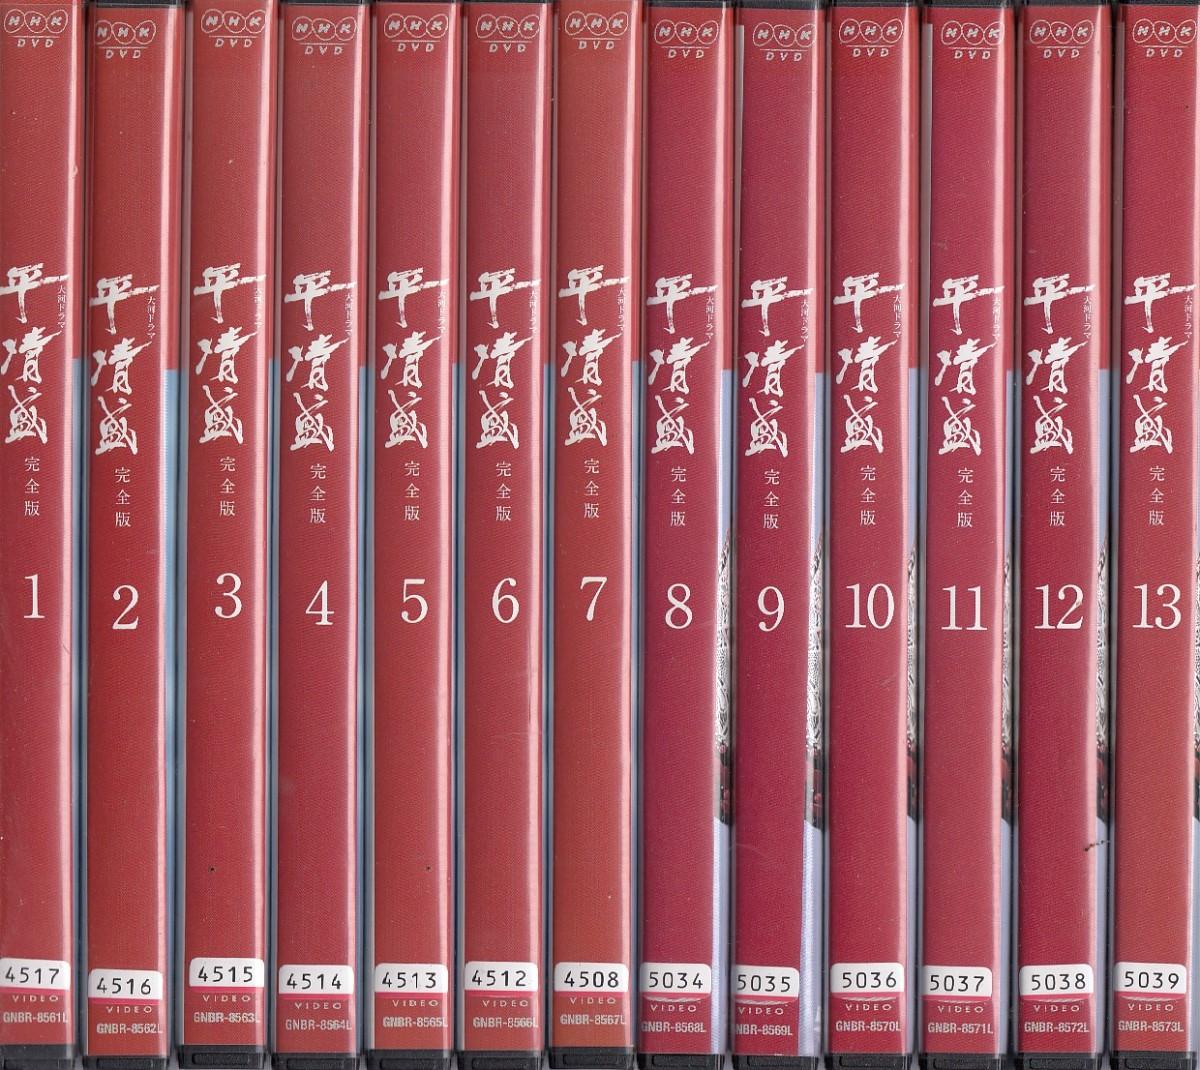 平清盛 完全版 全13巻セット【中古DVD/レンタル落ち/送料無料】